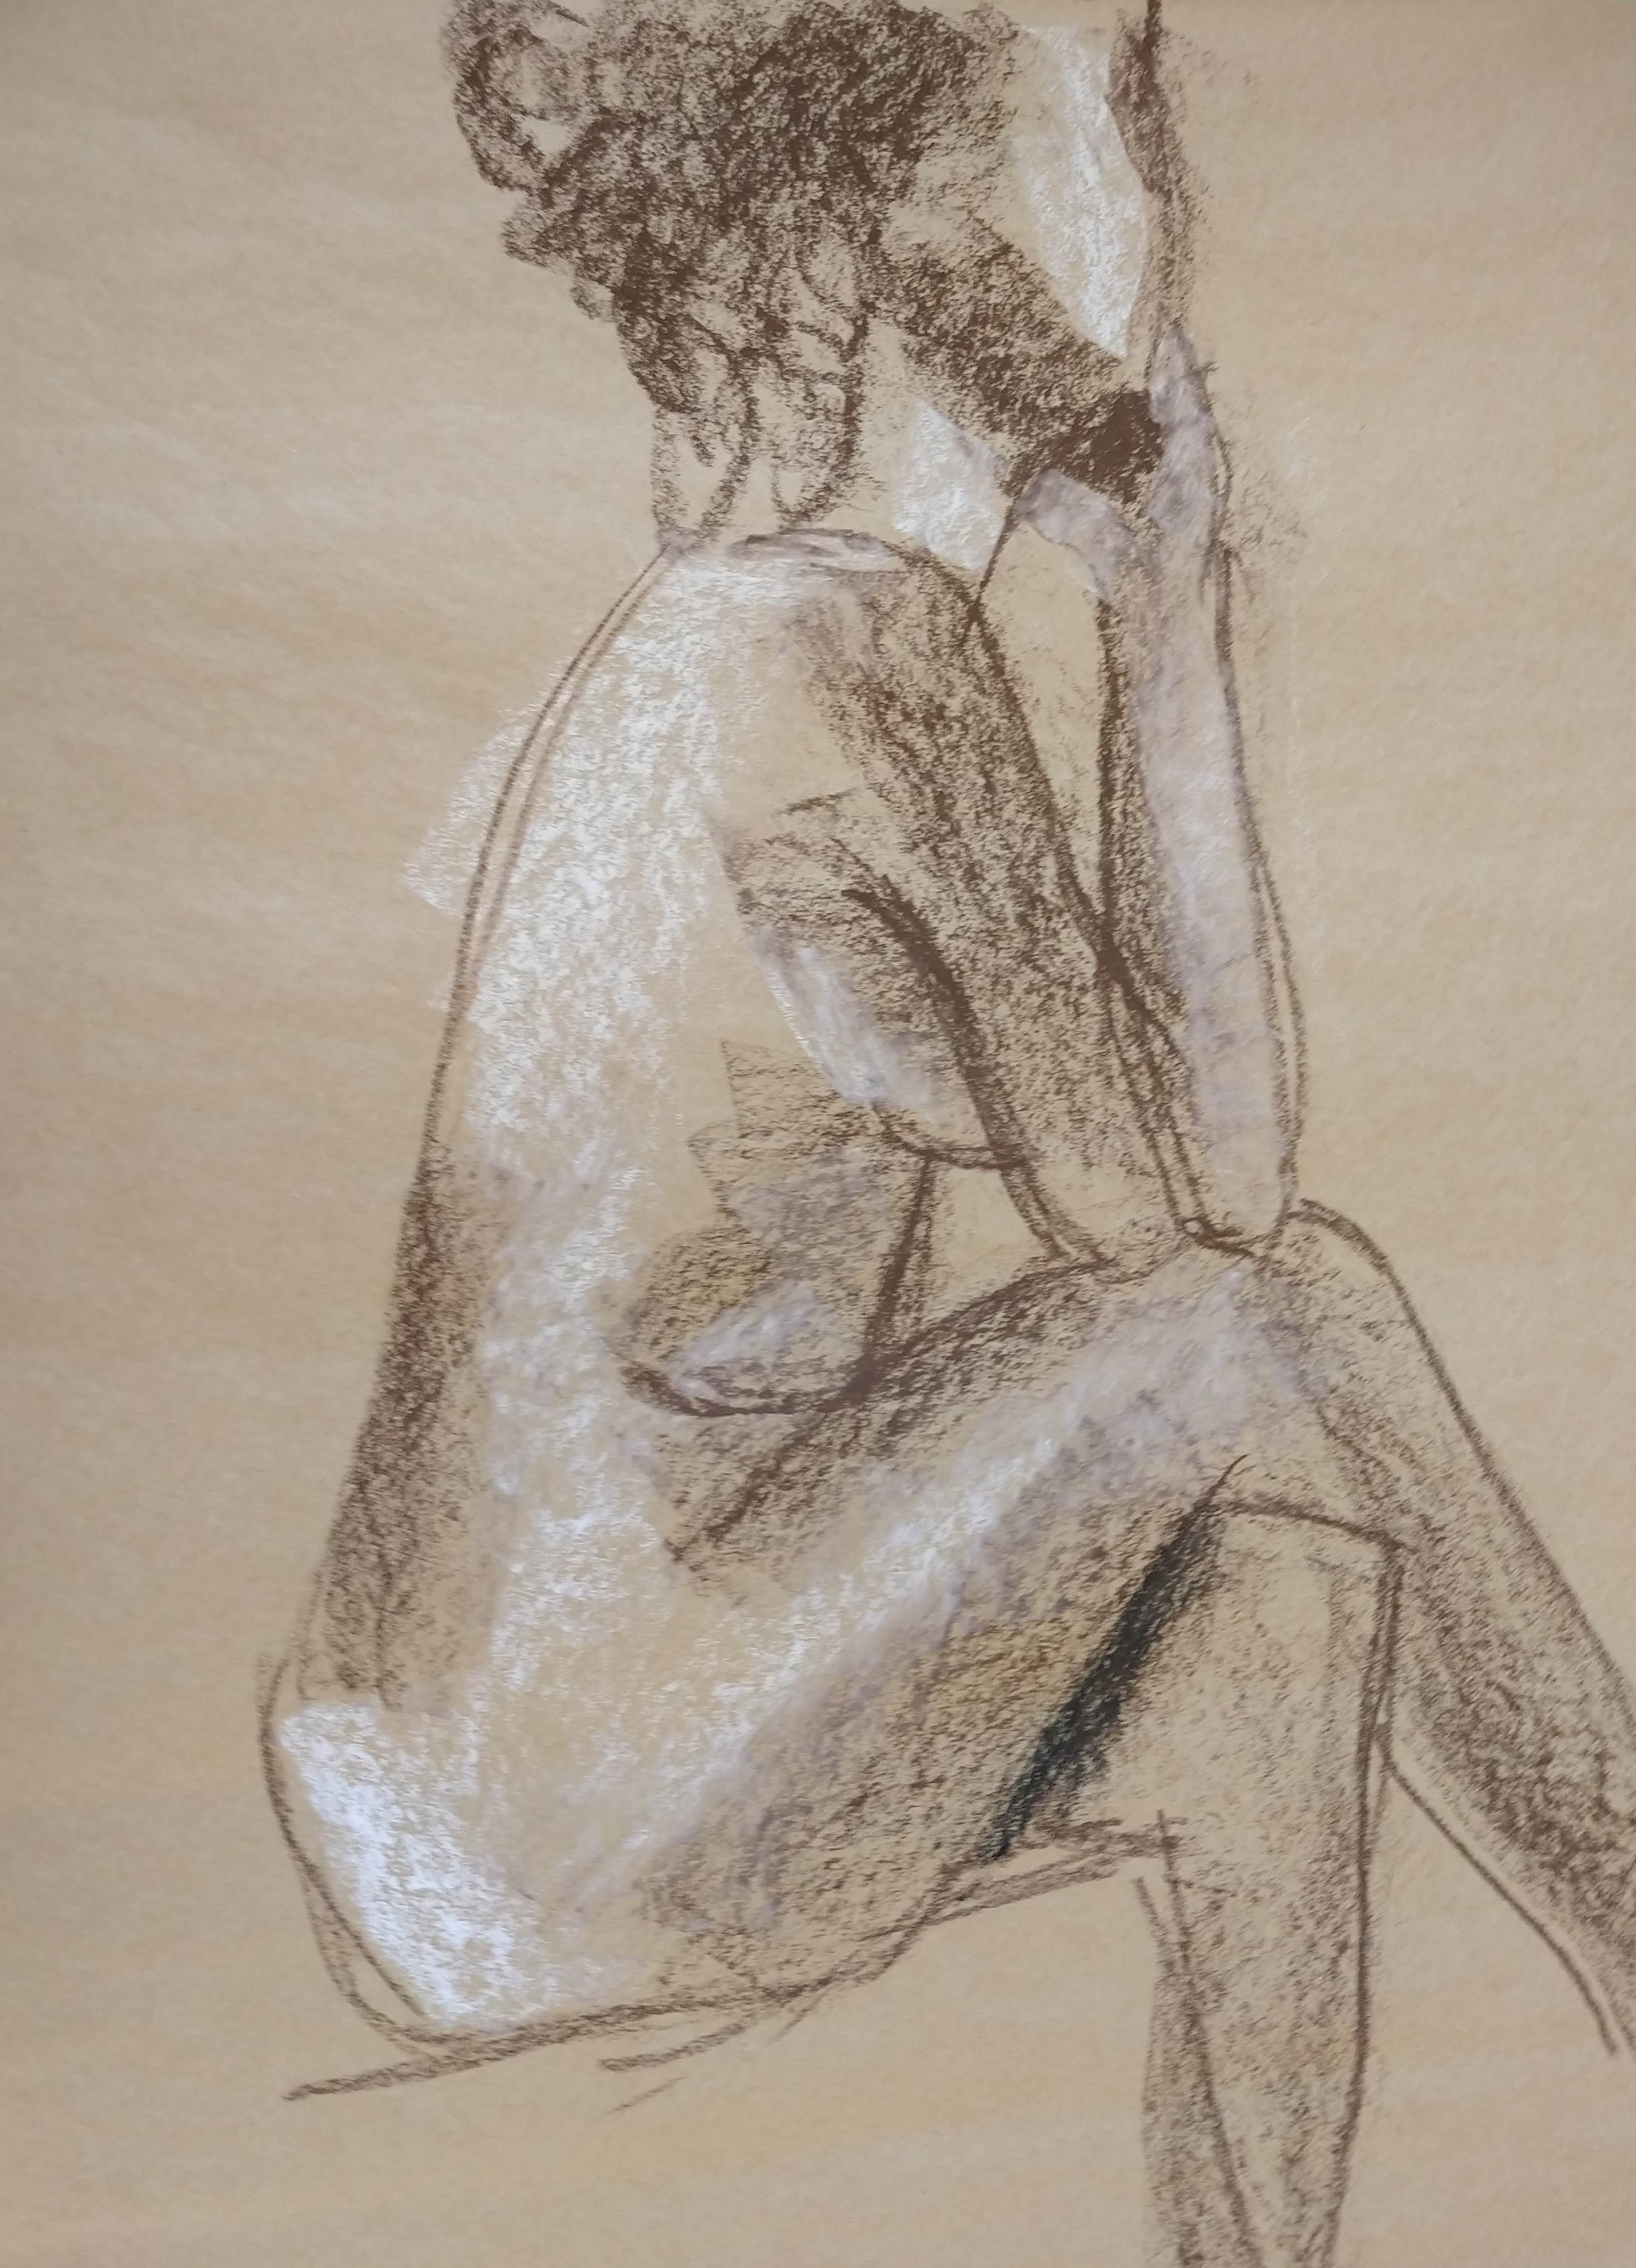 Desenho de modelo feminino nu, em pastel oleoso, realizado durante Prática de modelo vivo com Rafa Coutinho e Laerte no espaço Breu em 2019.